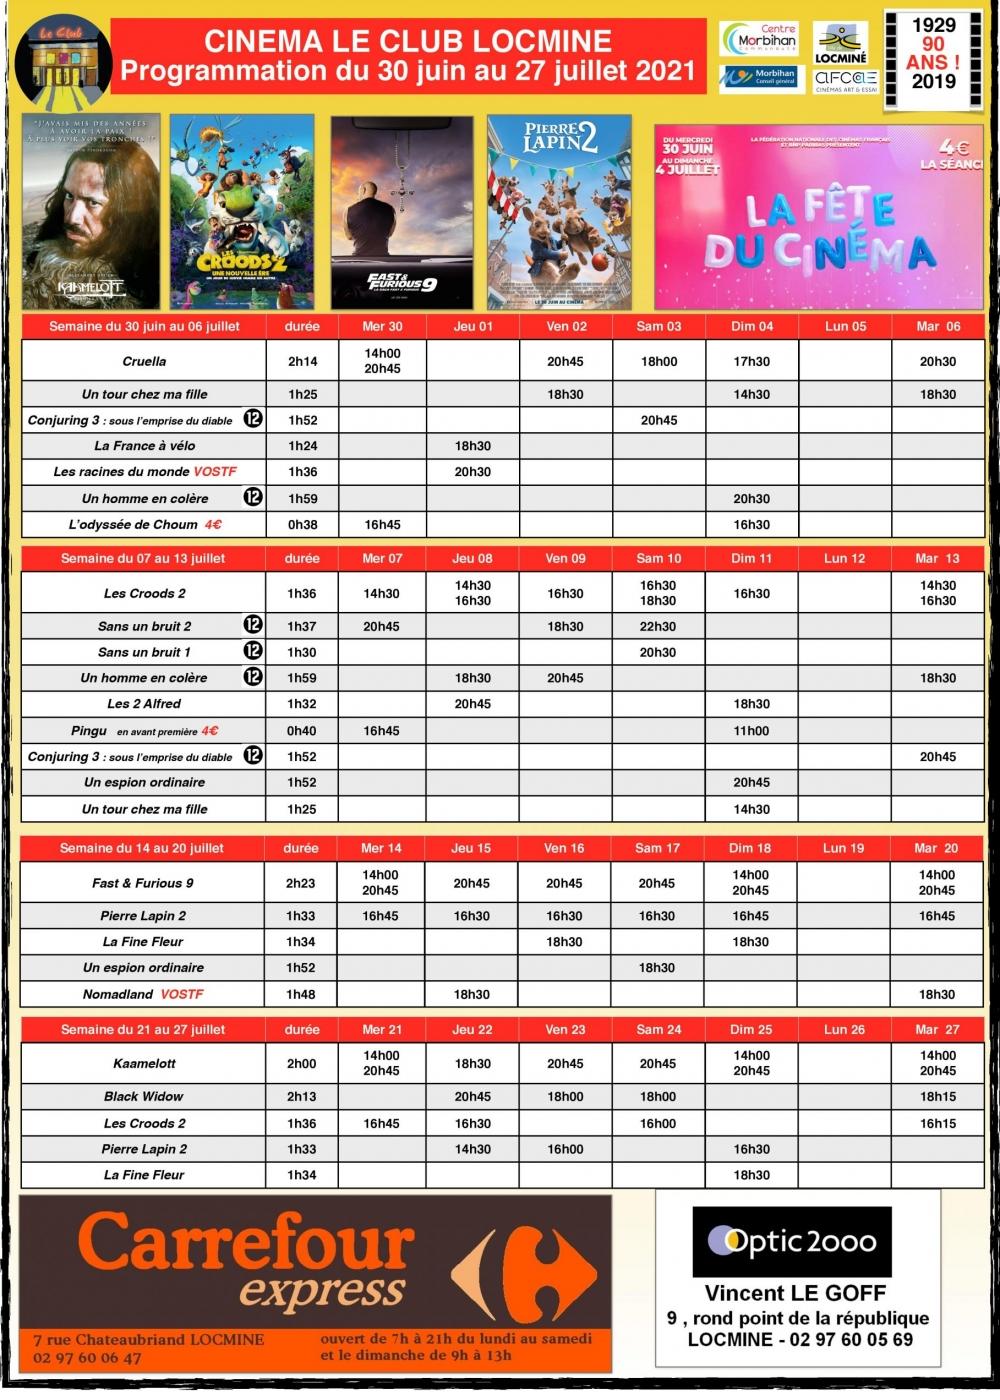 cinema-le-club-locmine-programme-du-30-juin-au-27-juillet-2021